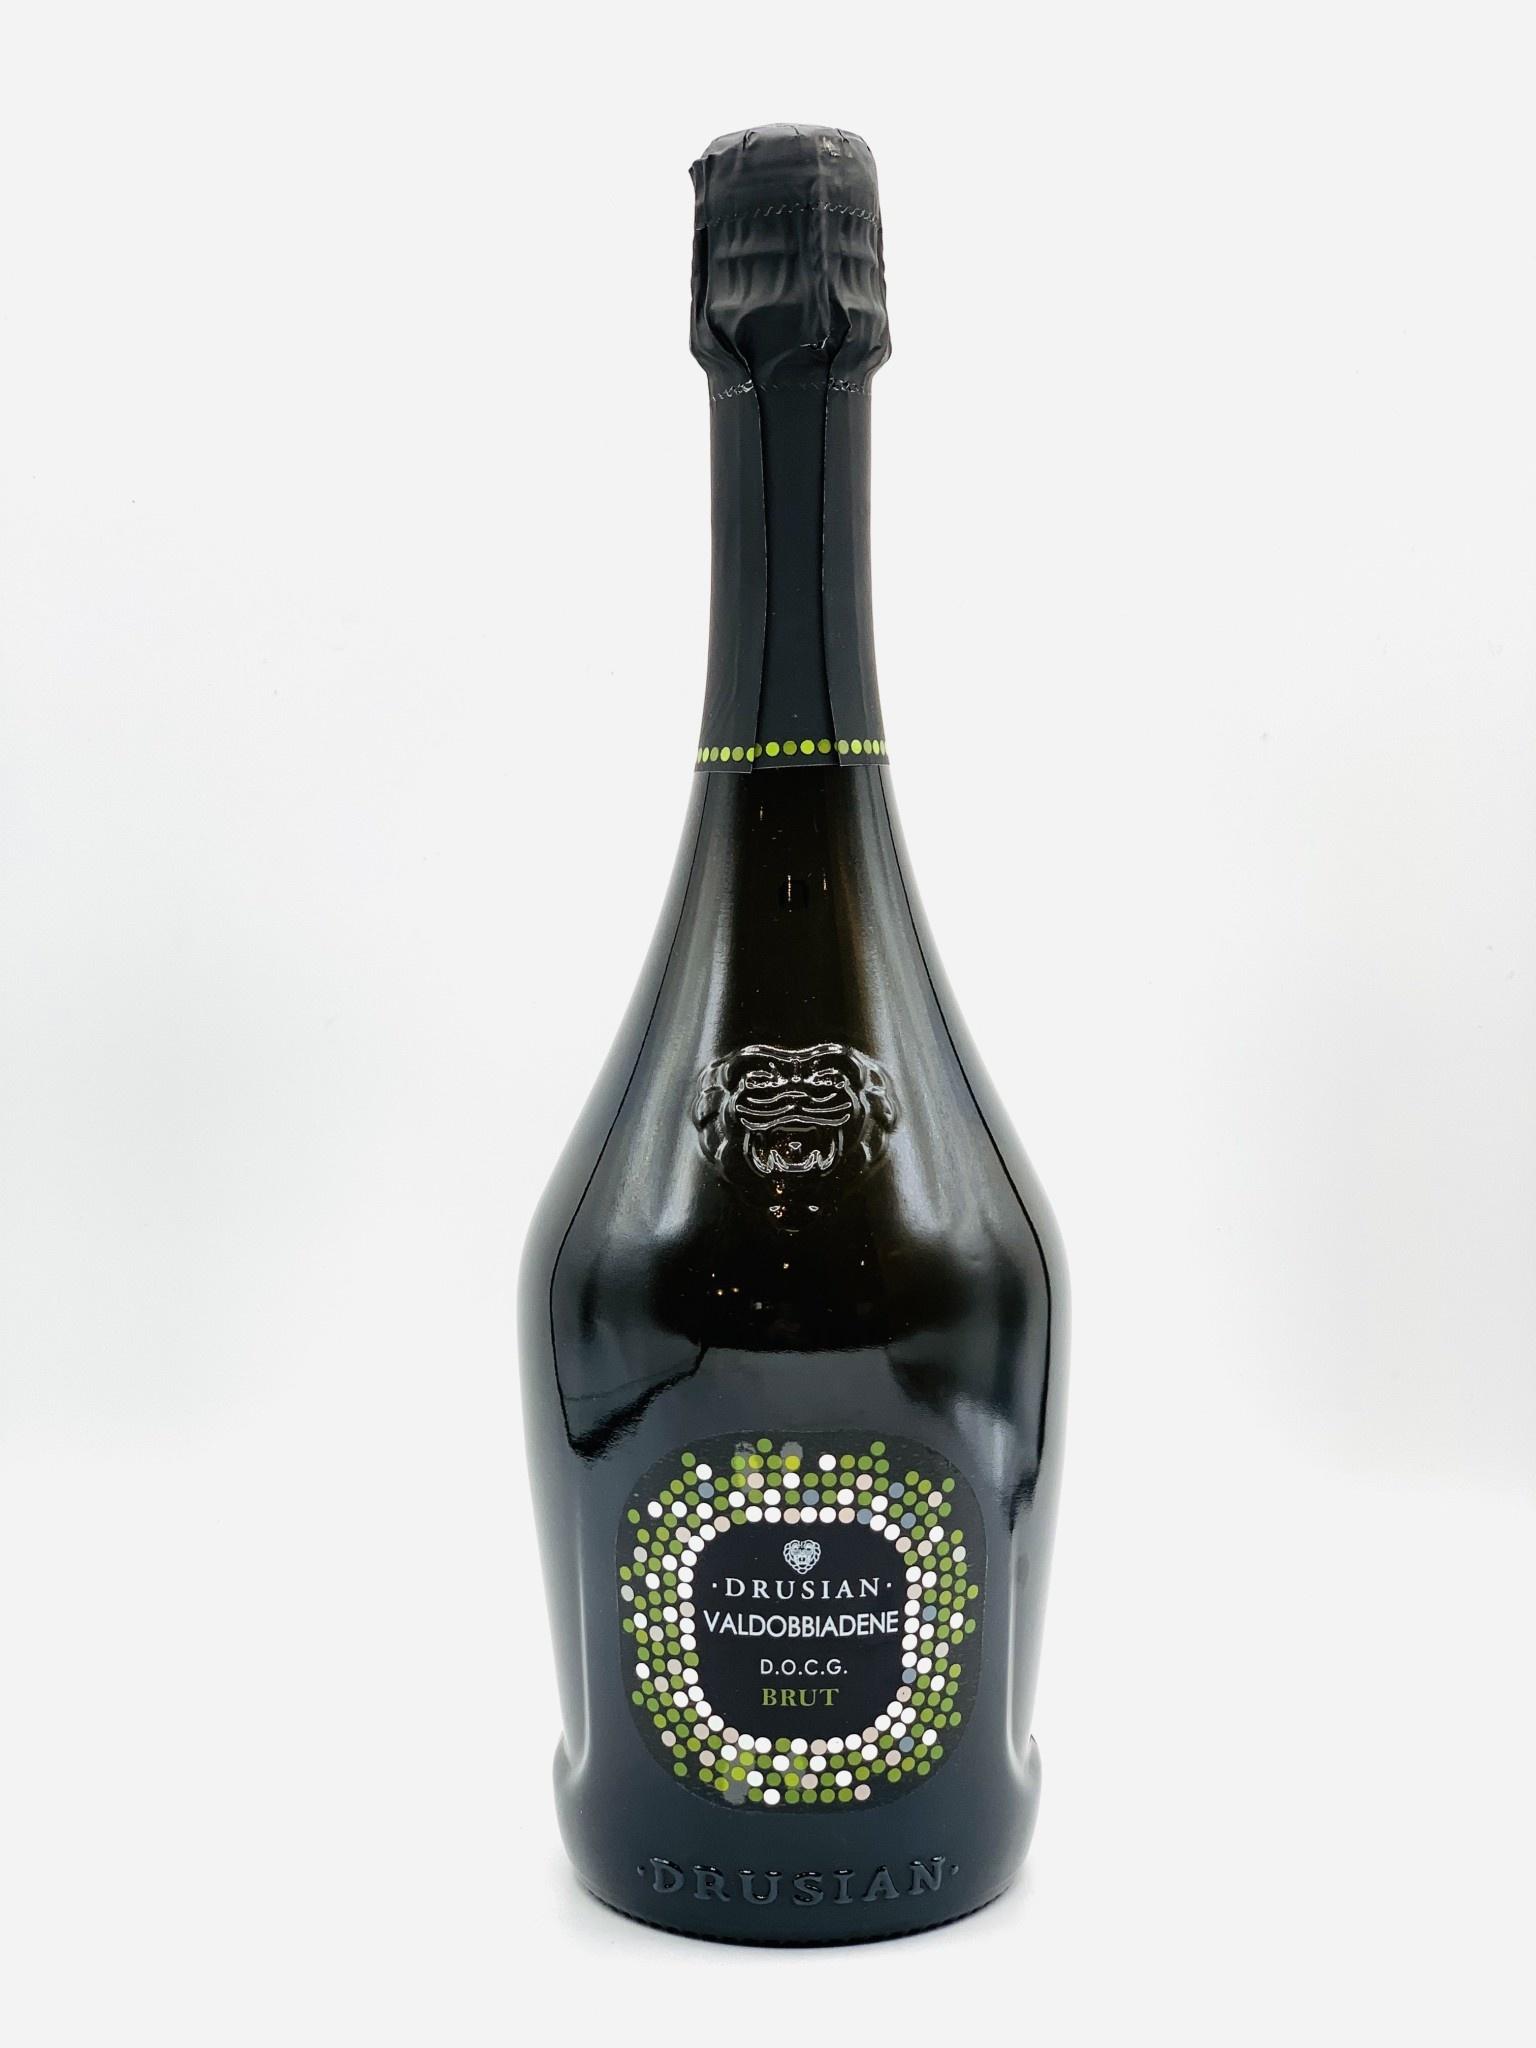 Valdobbiadene Prosecco Brut NV Drusian 750ml